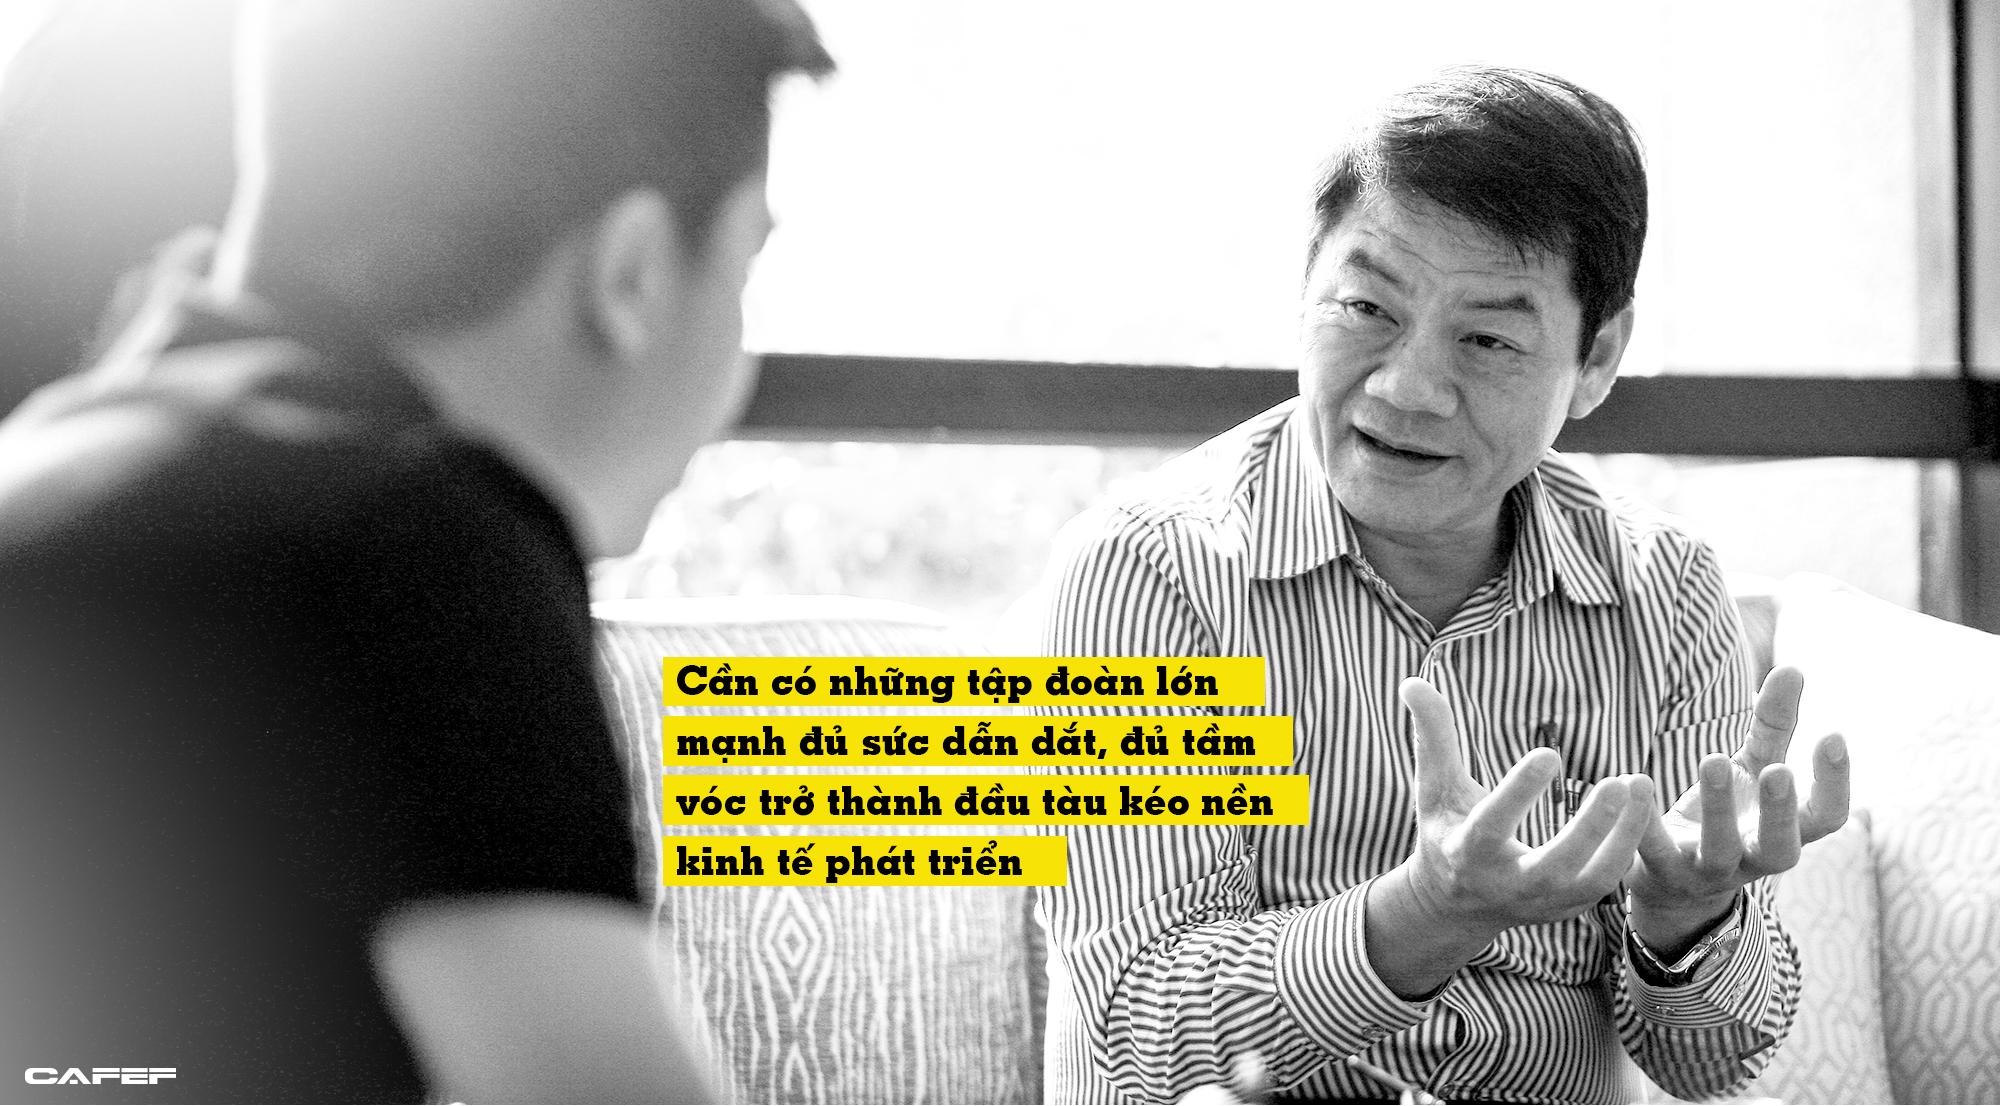 Doanh nhân Trần Bá Dương: Chúng ta đang mãi